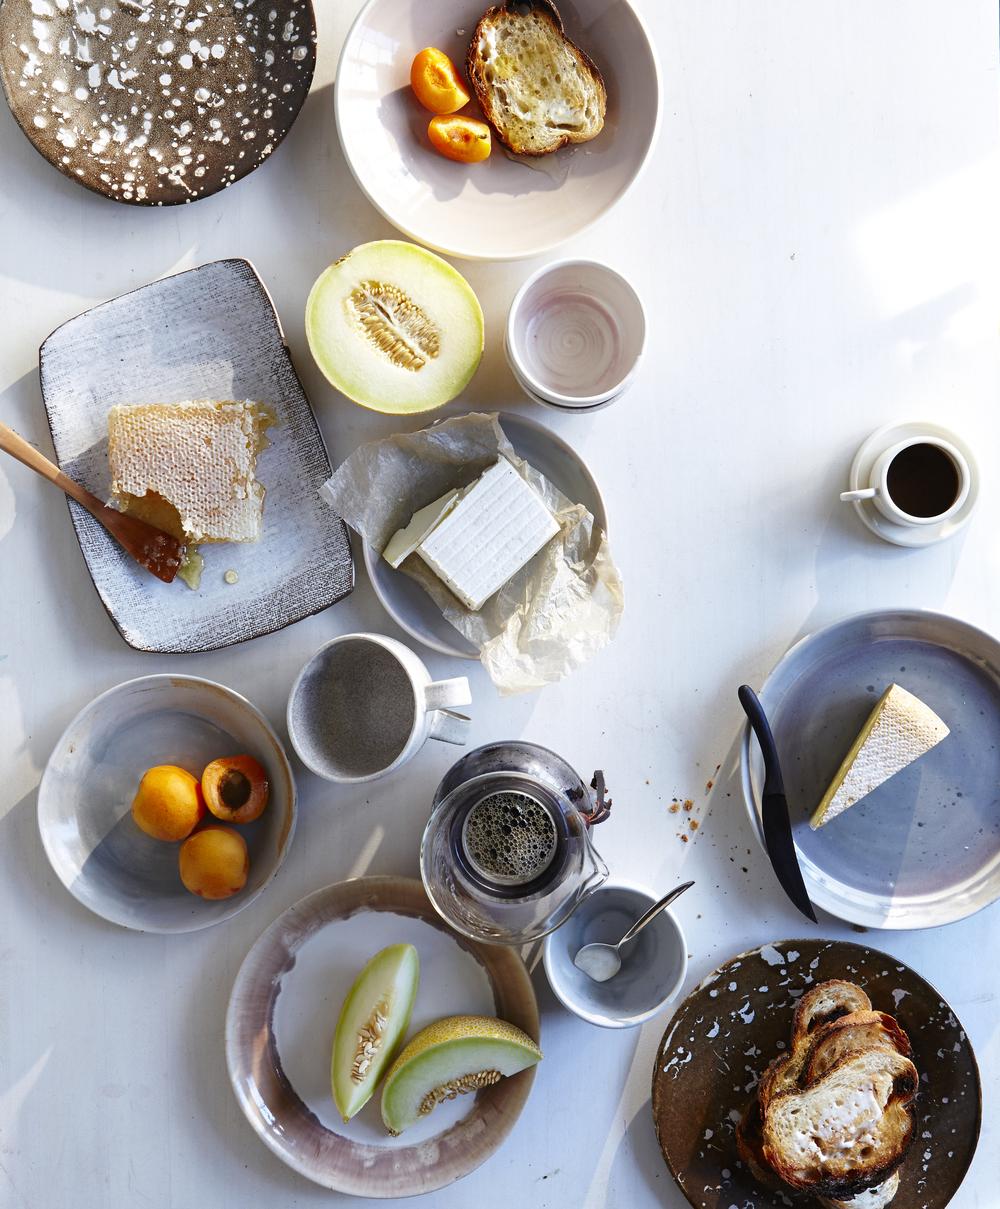 clam lab. joan platt. elephant ceramics. teresa chang.